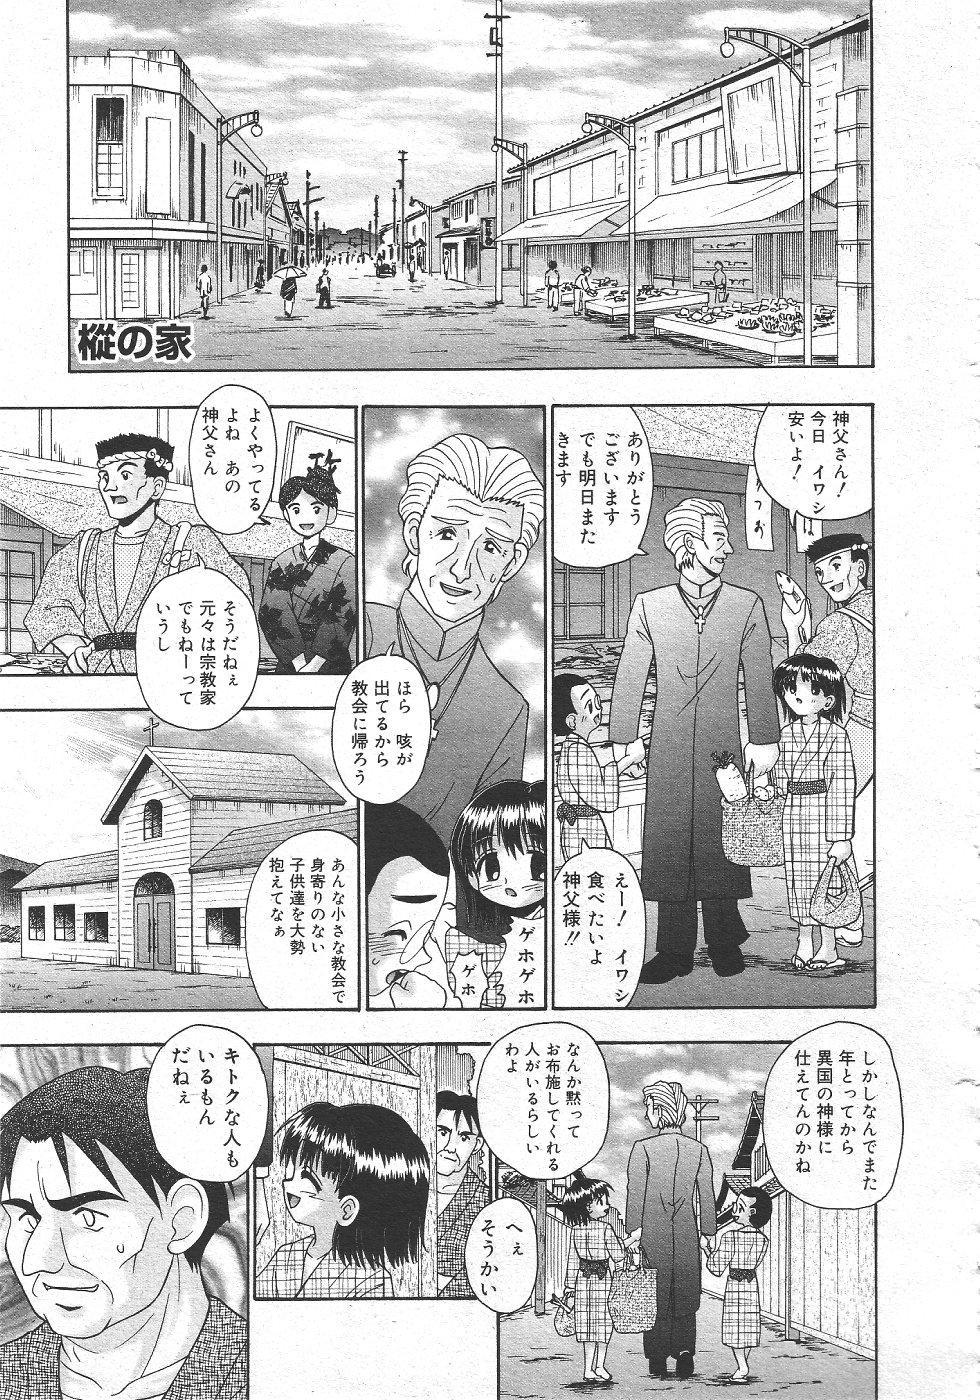 Gekkan Comic Muga 2004-06 Vol.10 132